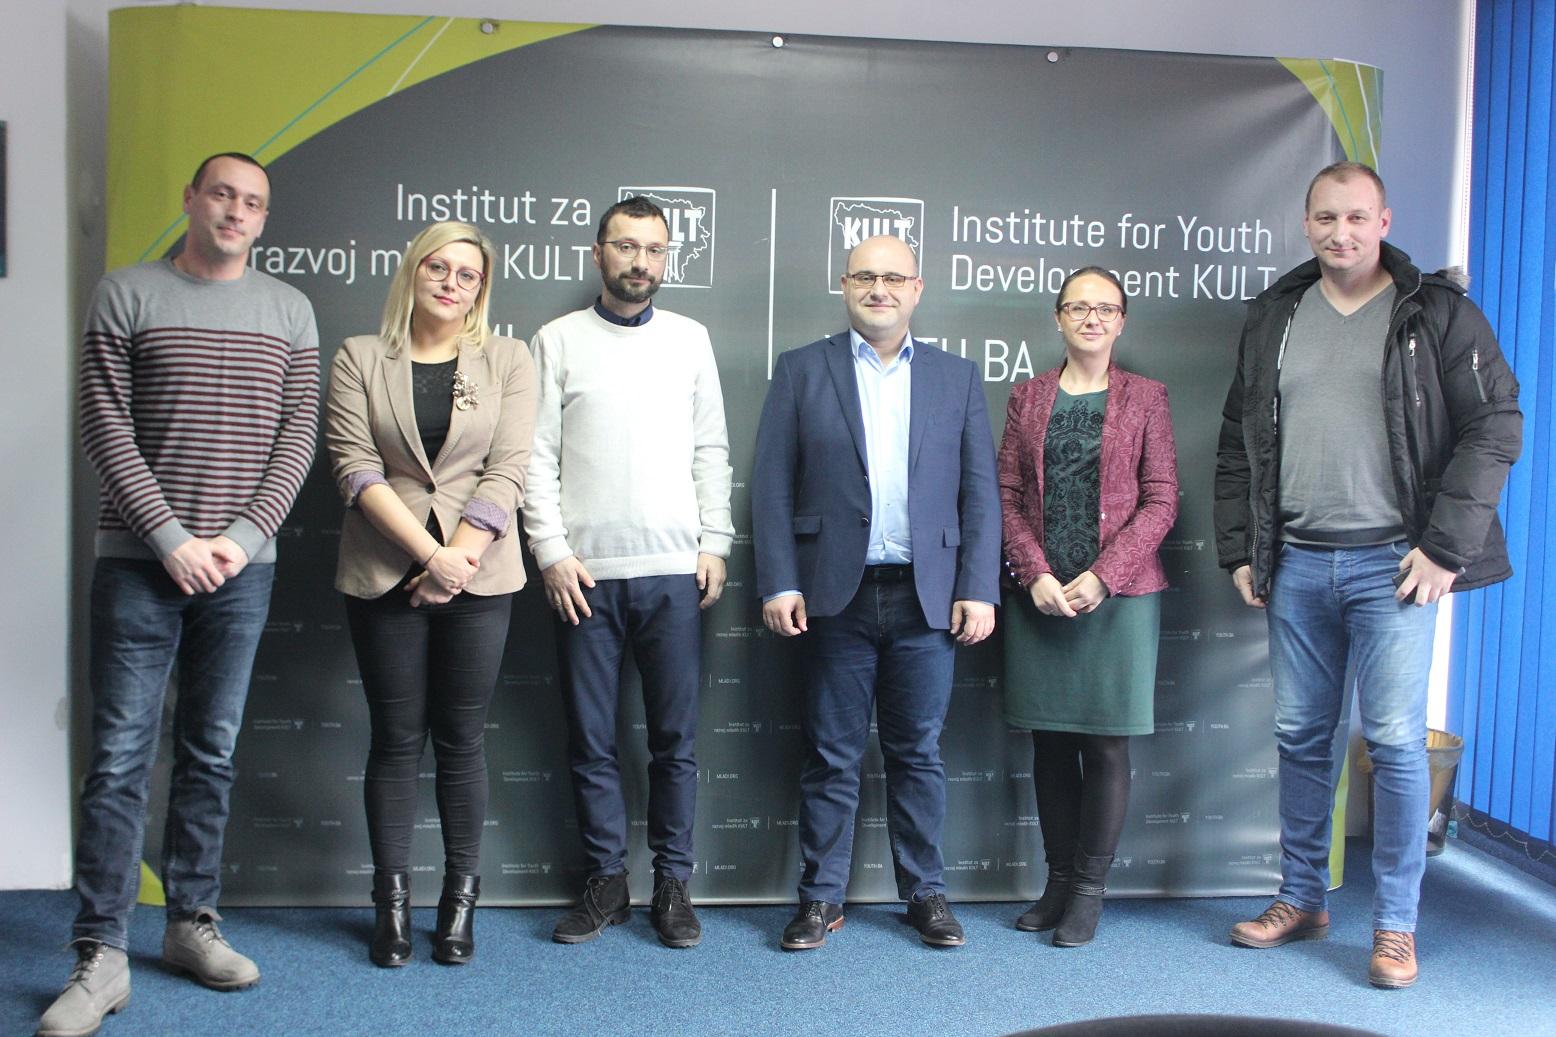 Institut za razvoj mladih KULT spreman podržati male zajednice u stvaranju boljih uslova za život mladih